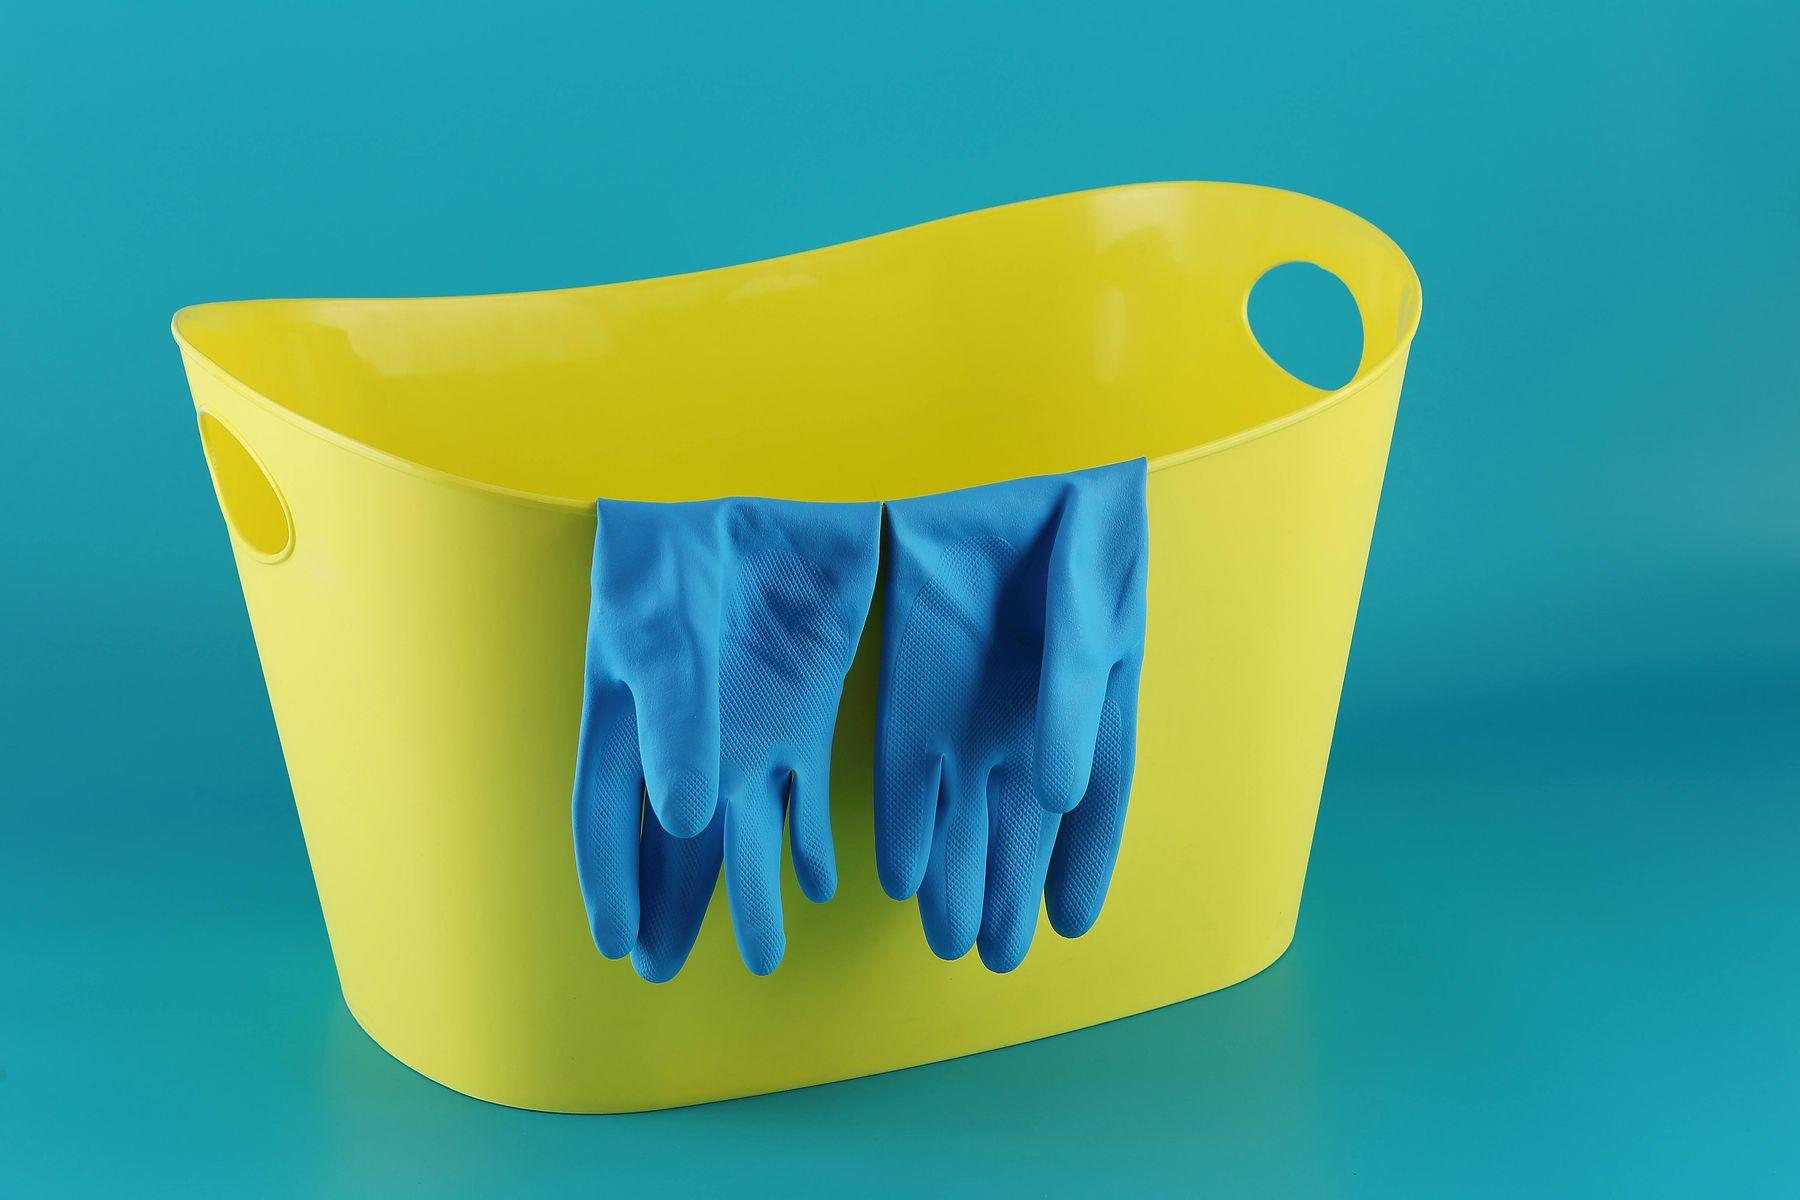 Luvas azuis de borracha em cima de balde de plástico amarelo e parede com fundo azul